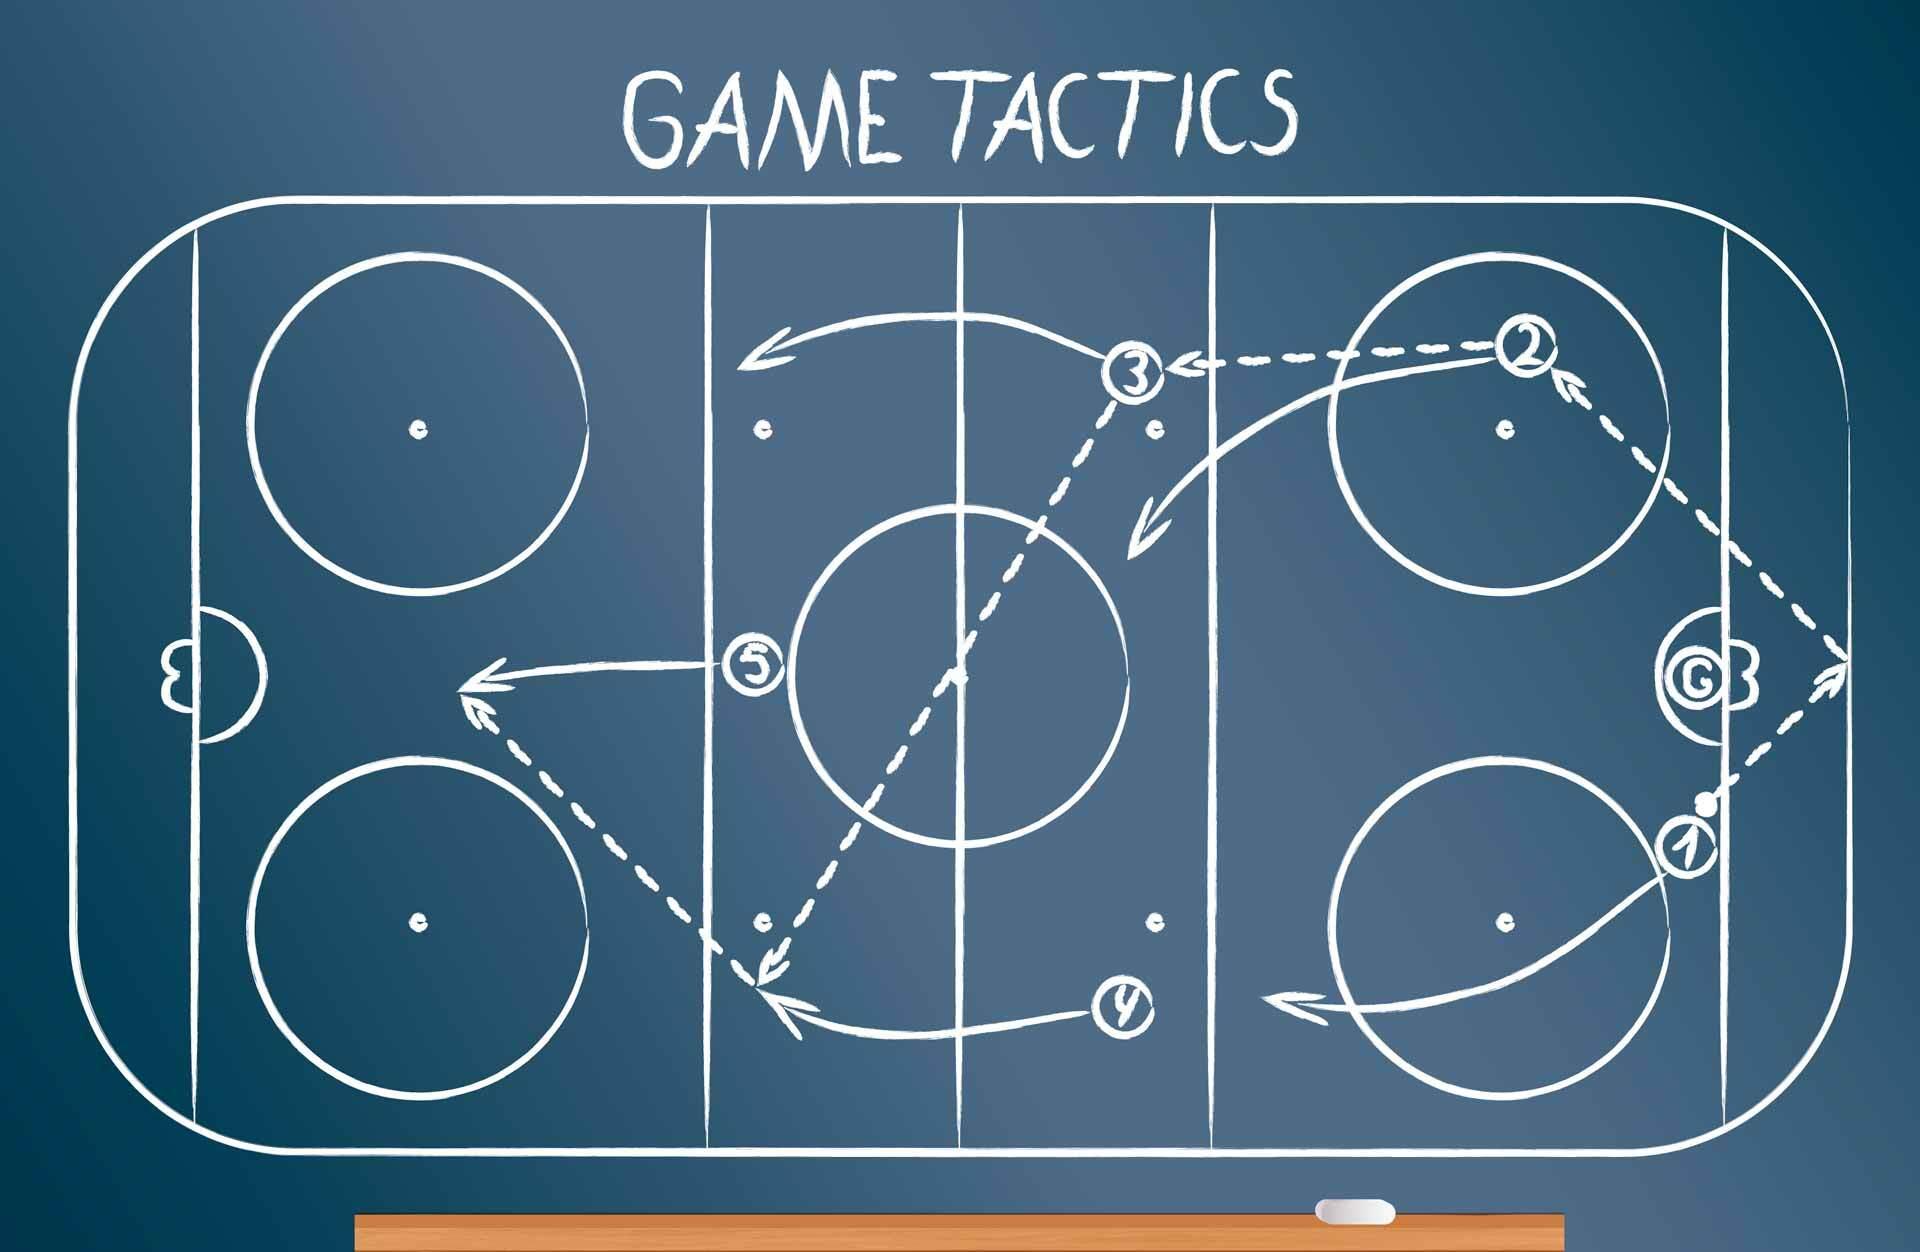 Jääkiekkopelin pelitaktiikkakaavio sinisellä pohjalla.